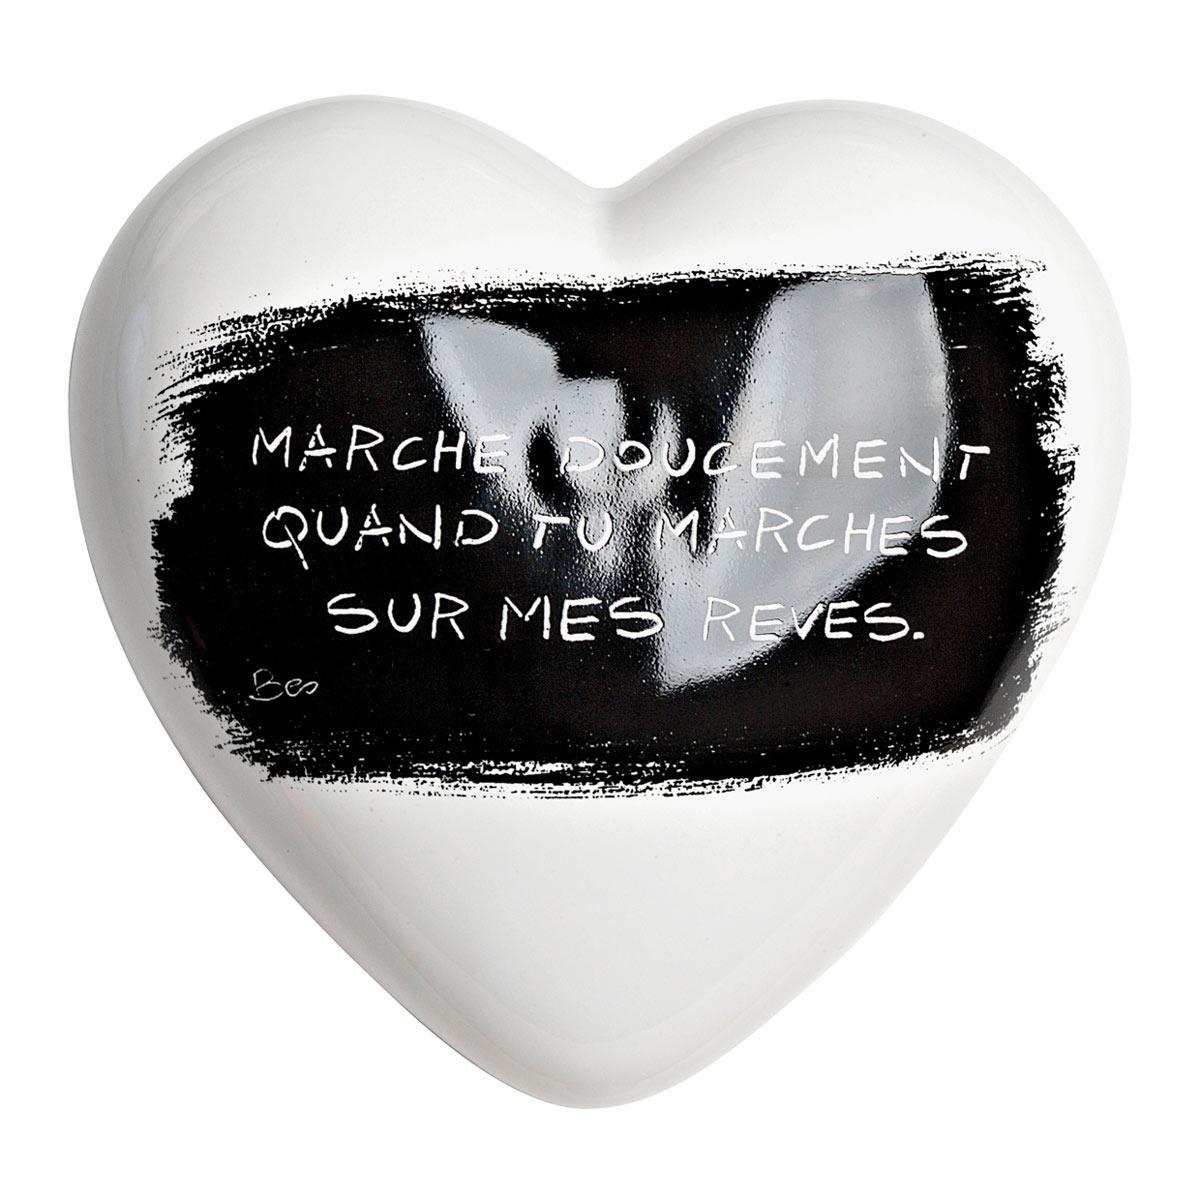 Cuore di ceramica bianco con grafica di Mauro Bassani testo in francese